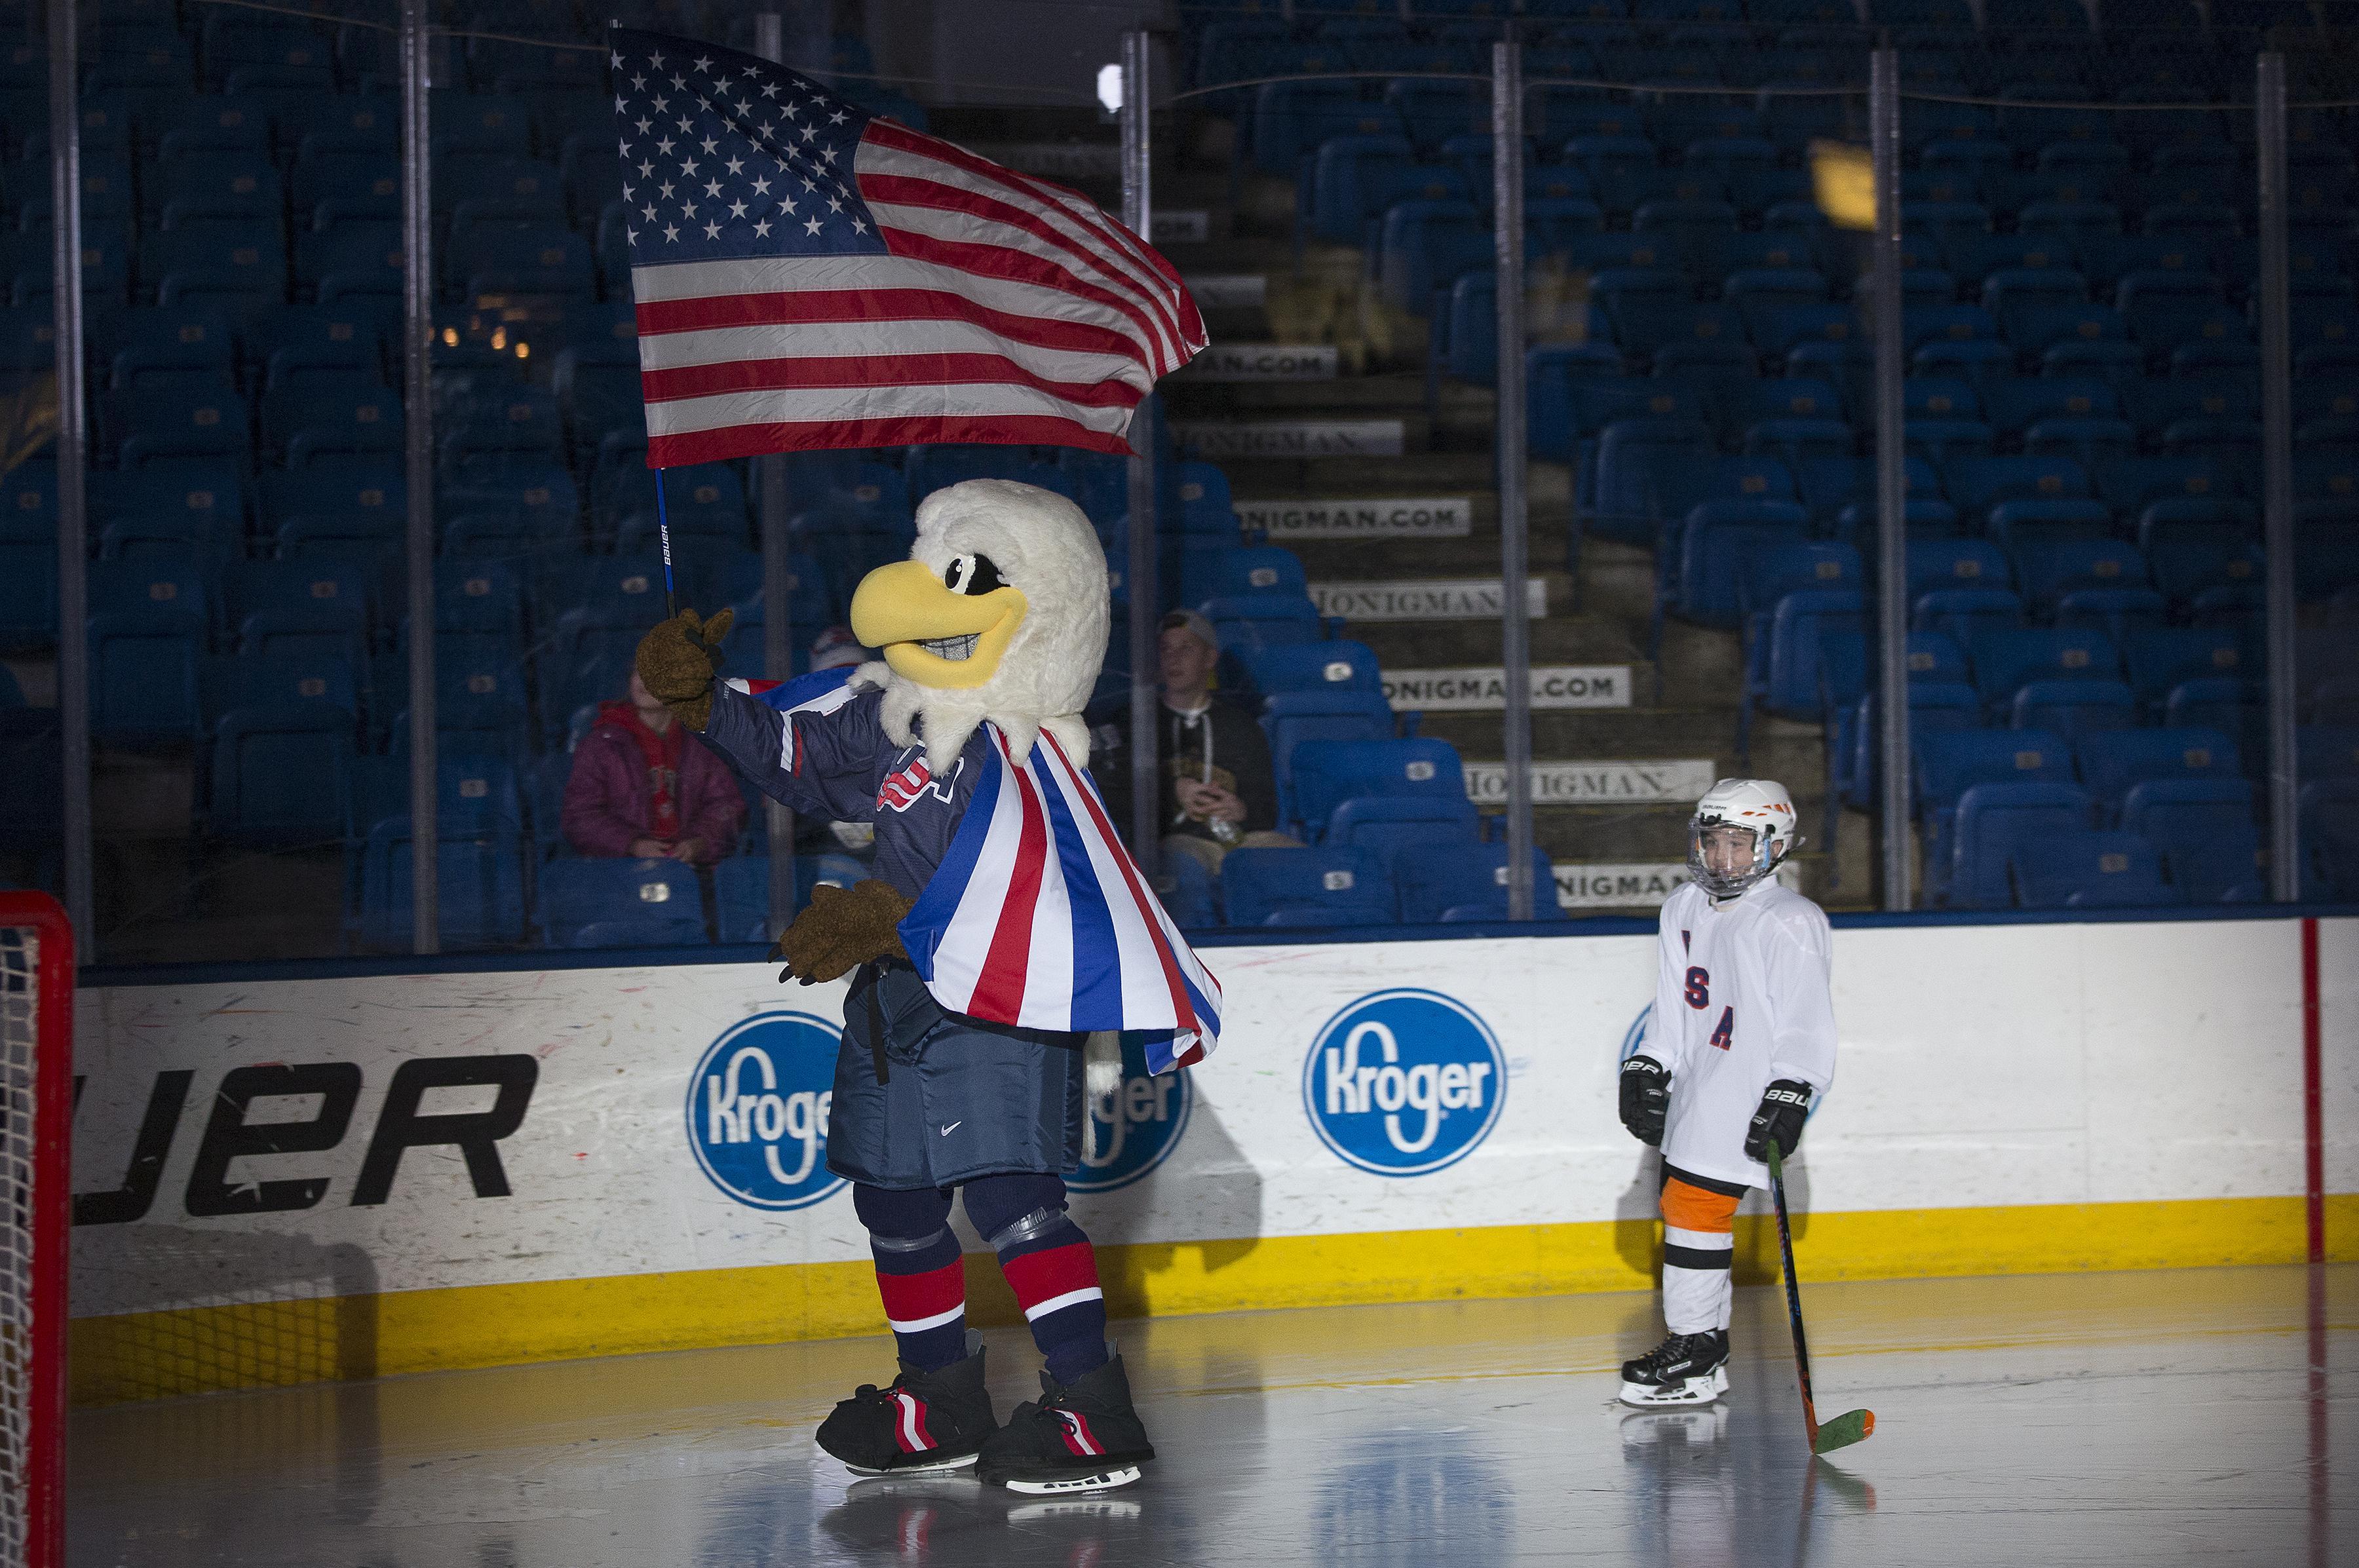 USA Hockey National Team Development Program Rushmore Mascot